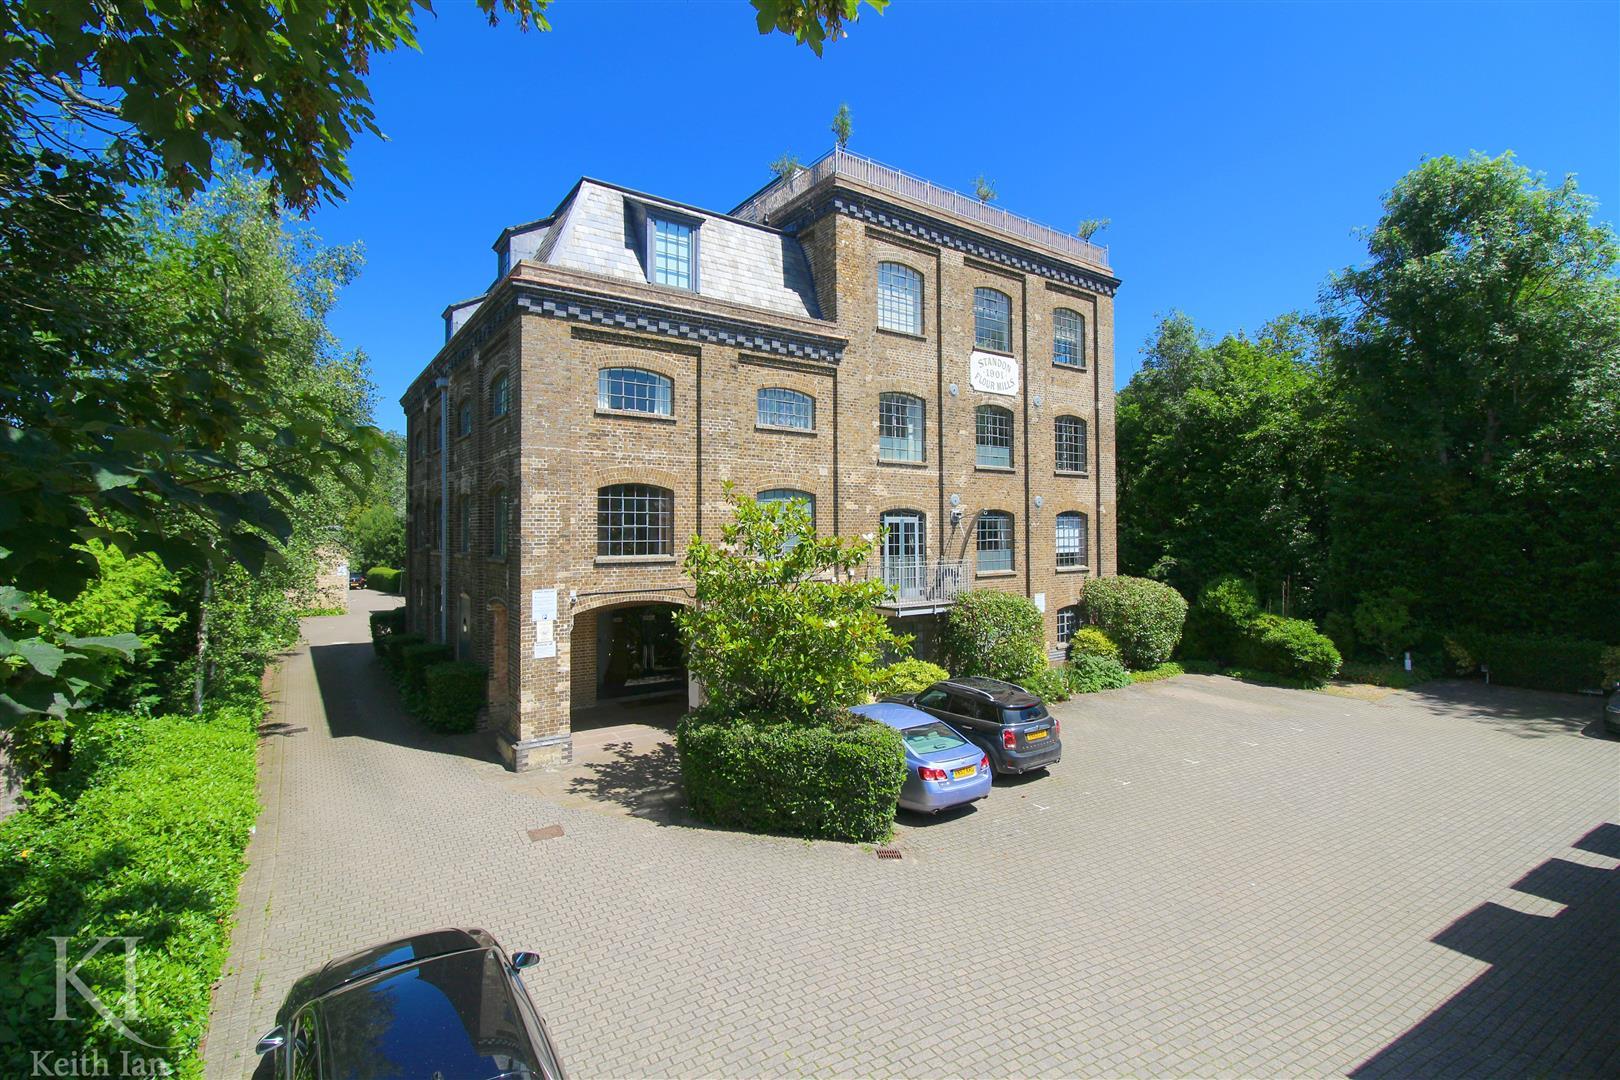 Standon Mill, Kents Lane, Standon